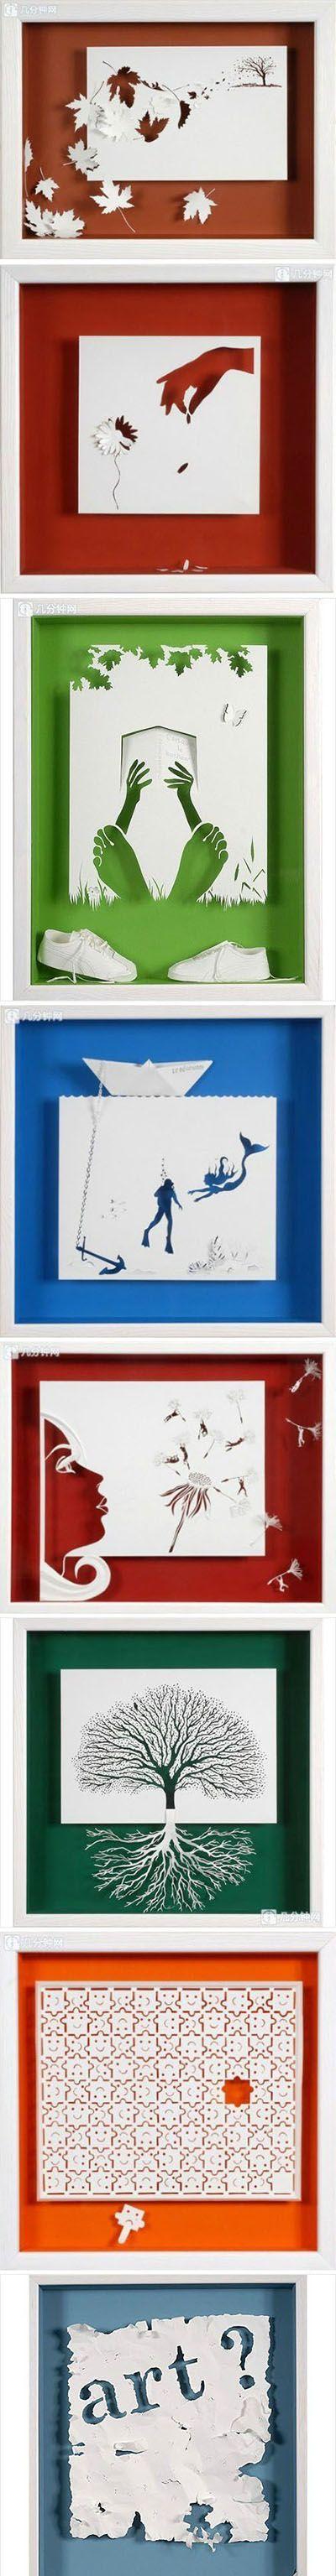 GAAFFff: knipwerk in een 3D schilderij http://www.pinterest.com/origamitwist/clever-paper-crafts/ Cool Paper Art | DIY  Crafts